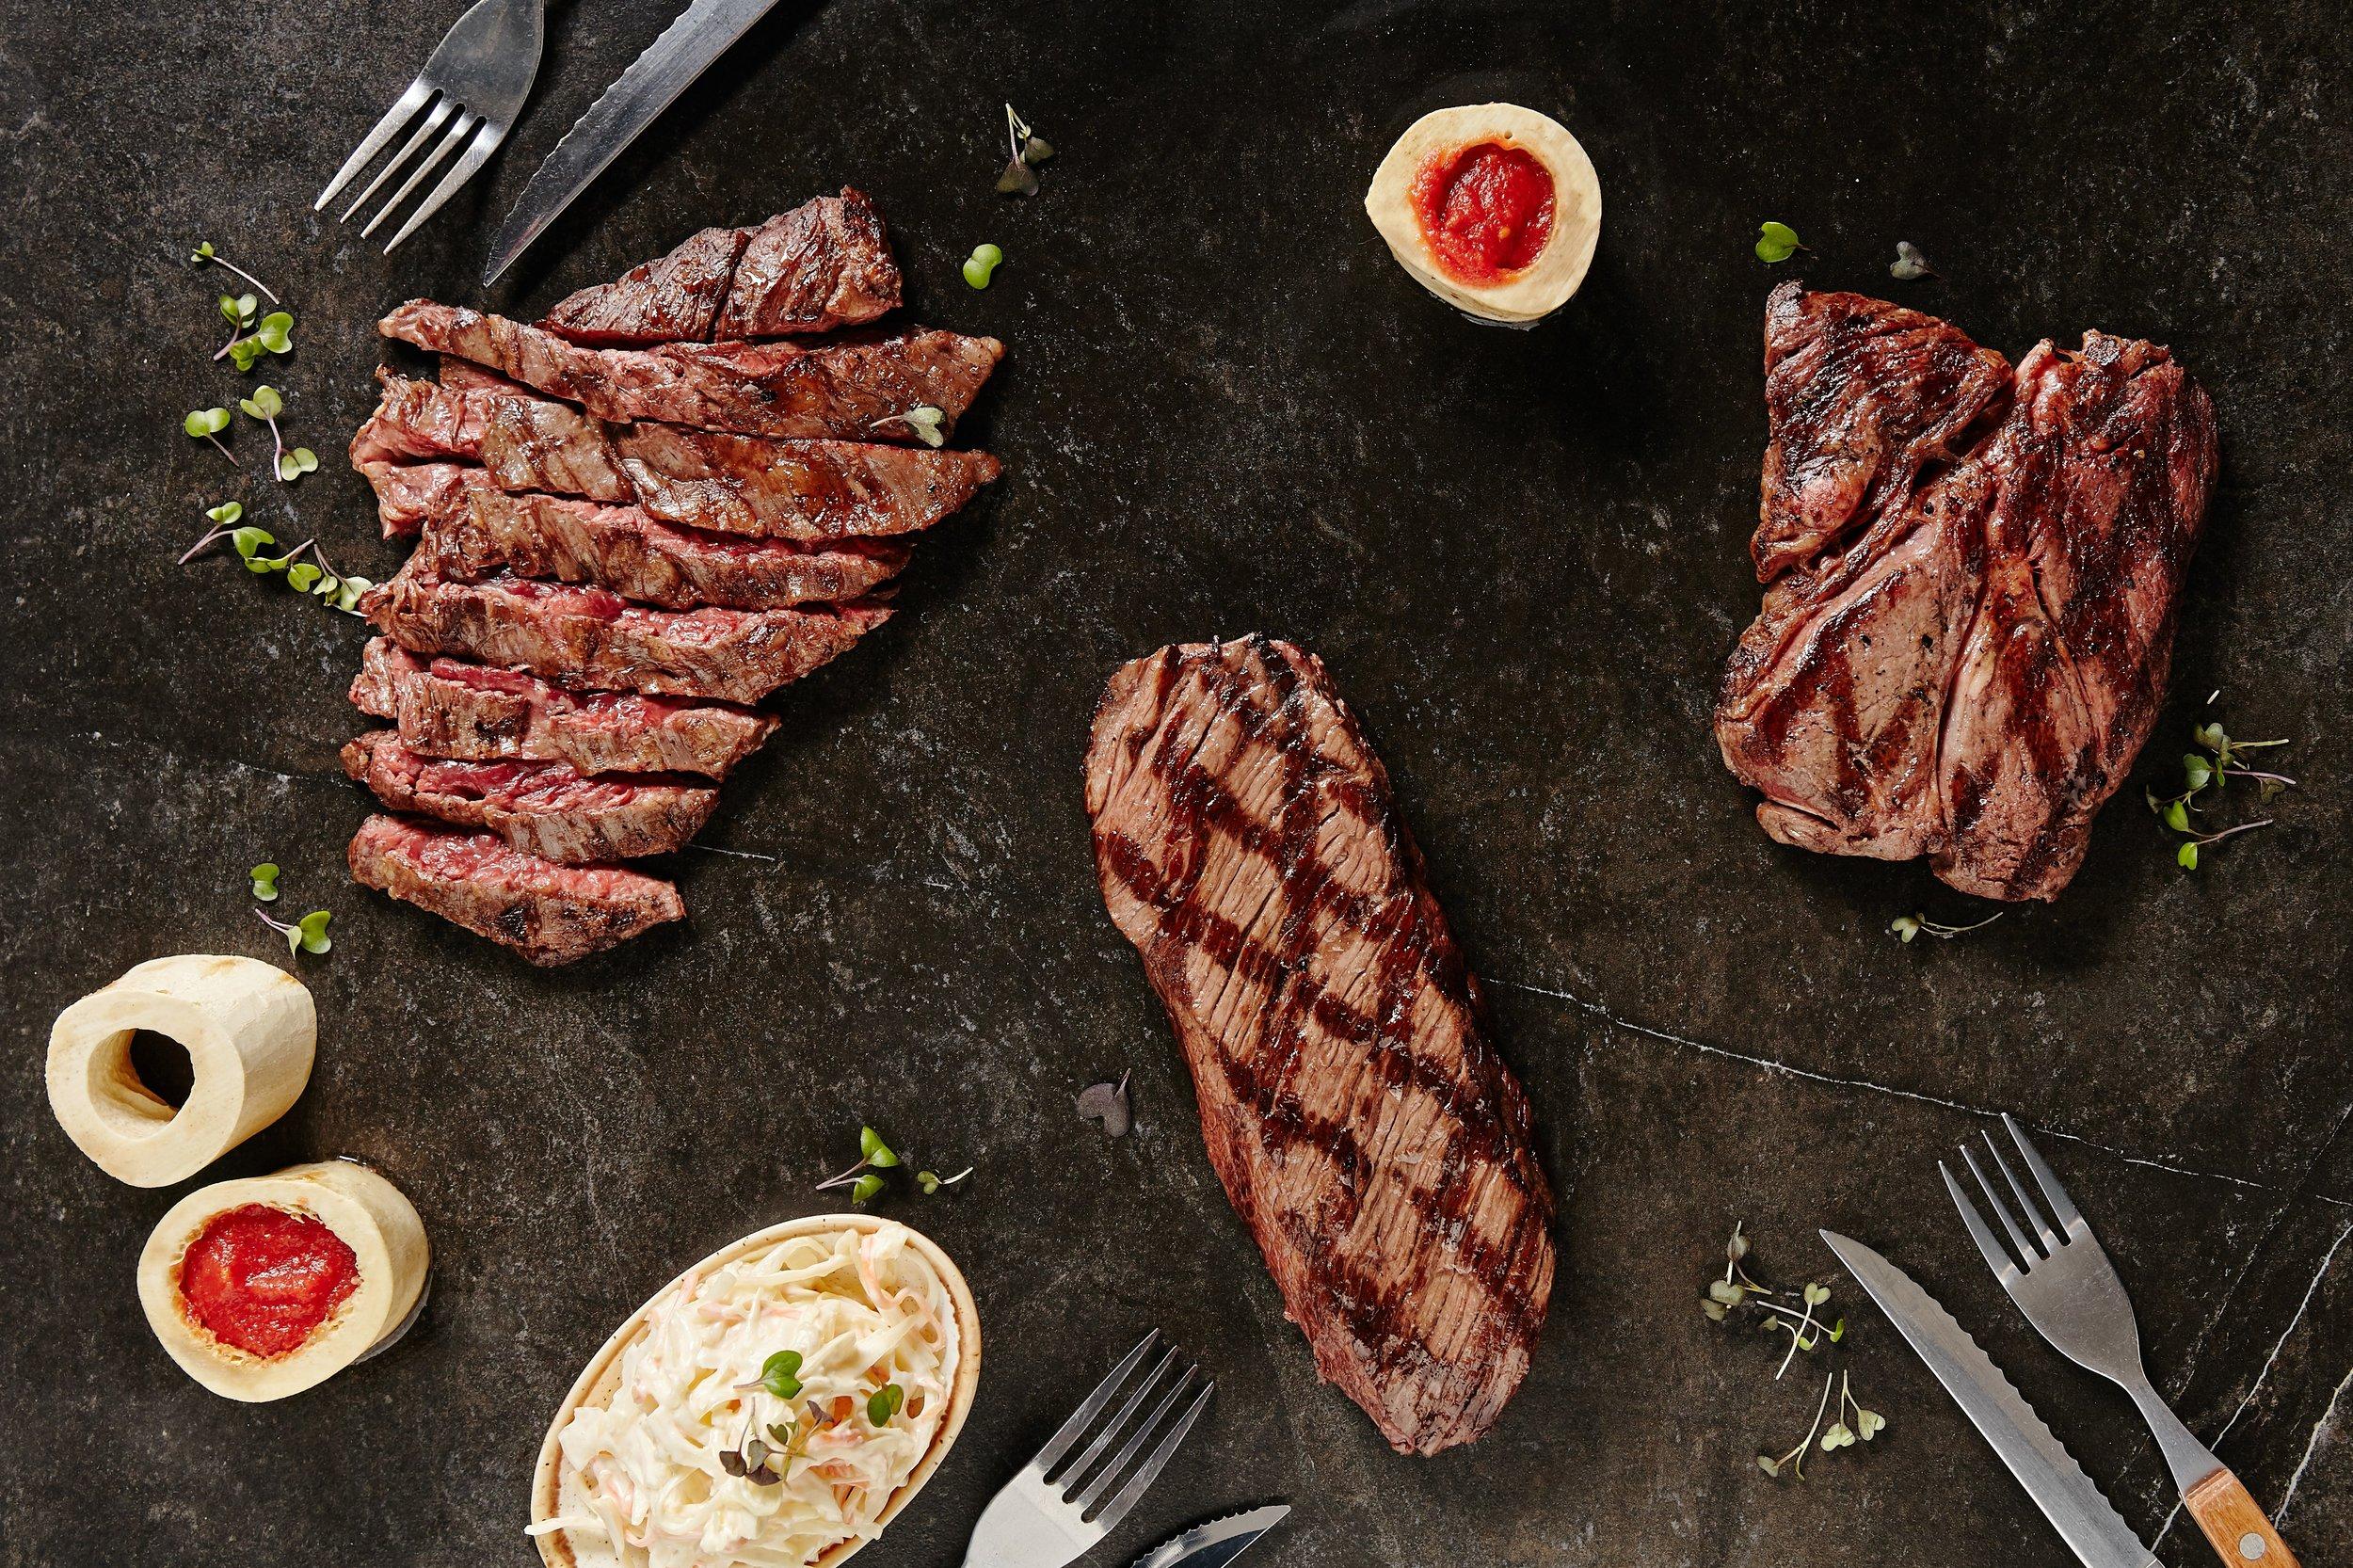 bigstock-Hot-Juicy-Whole-Machete-Steak--248736268.jpg